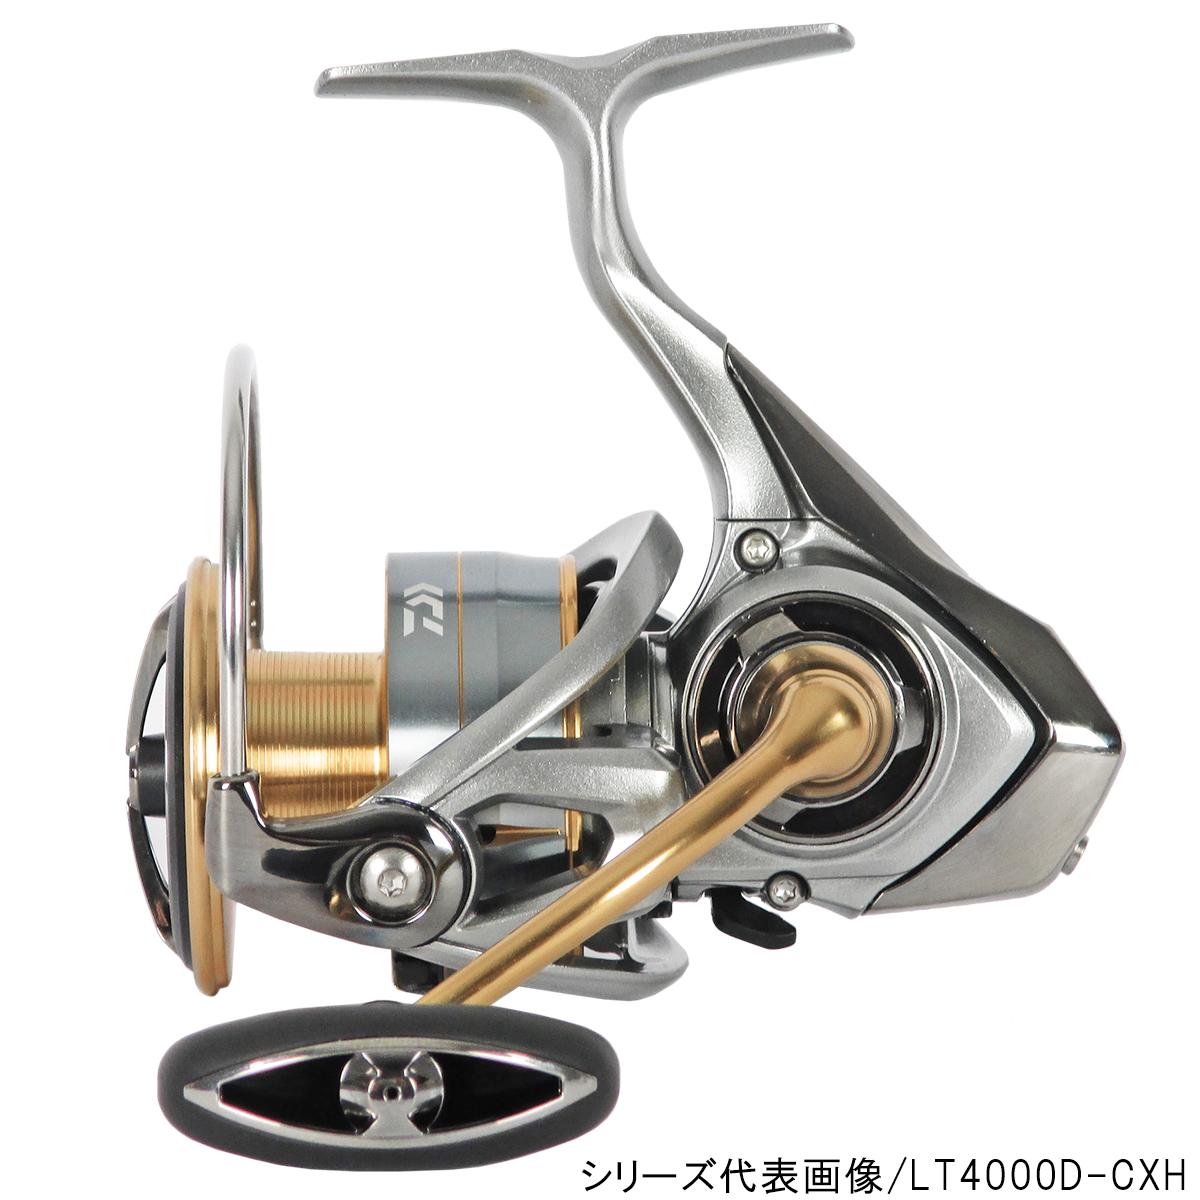 ダイワ フリームス LT5000D-CXH(東日本店)